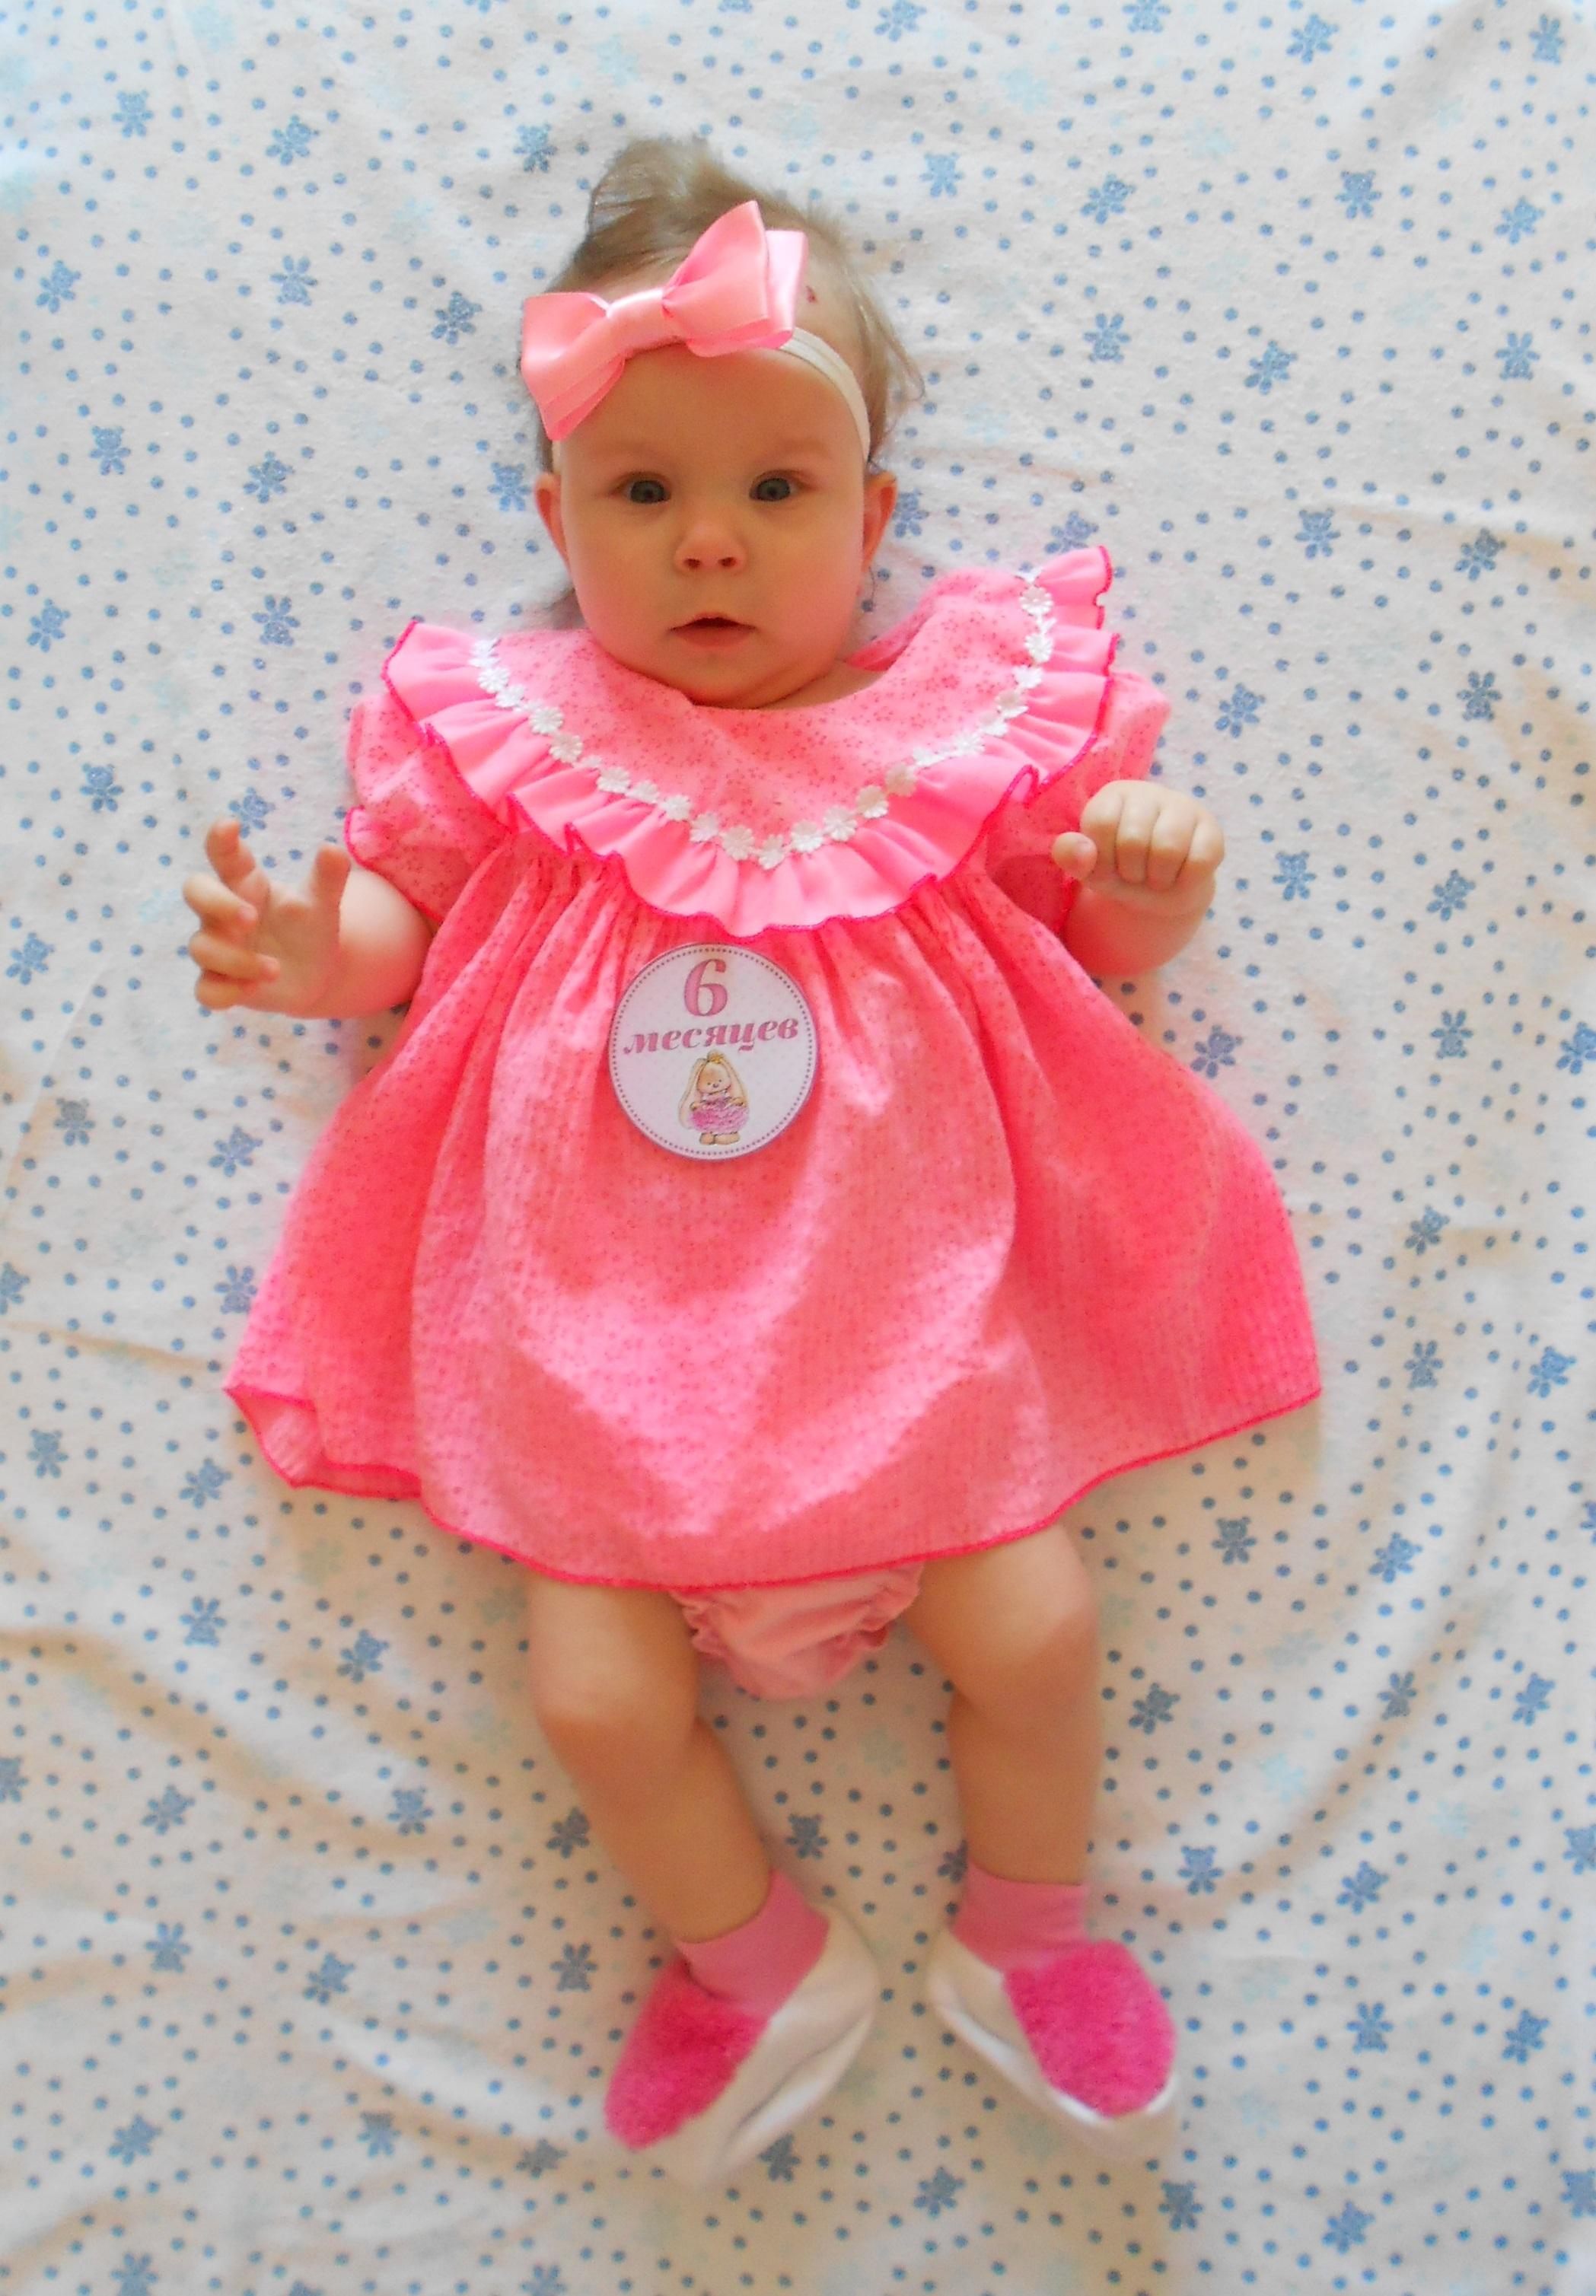 Моей доченьке 6 месяцев!. Мой малыш